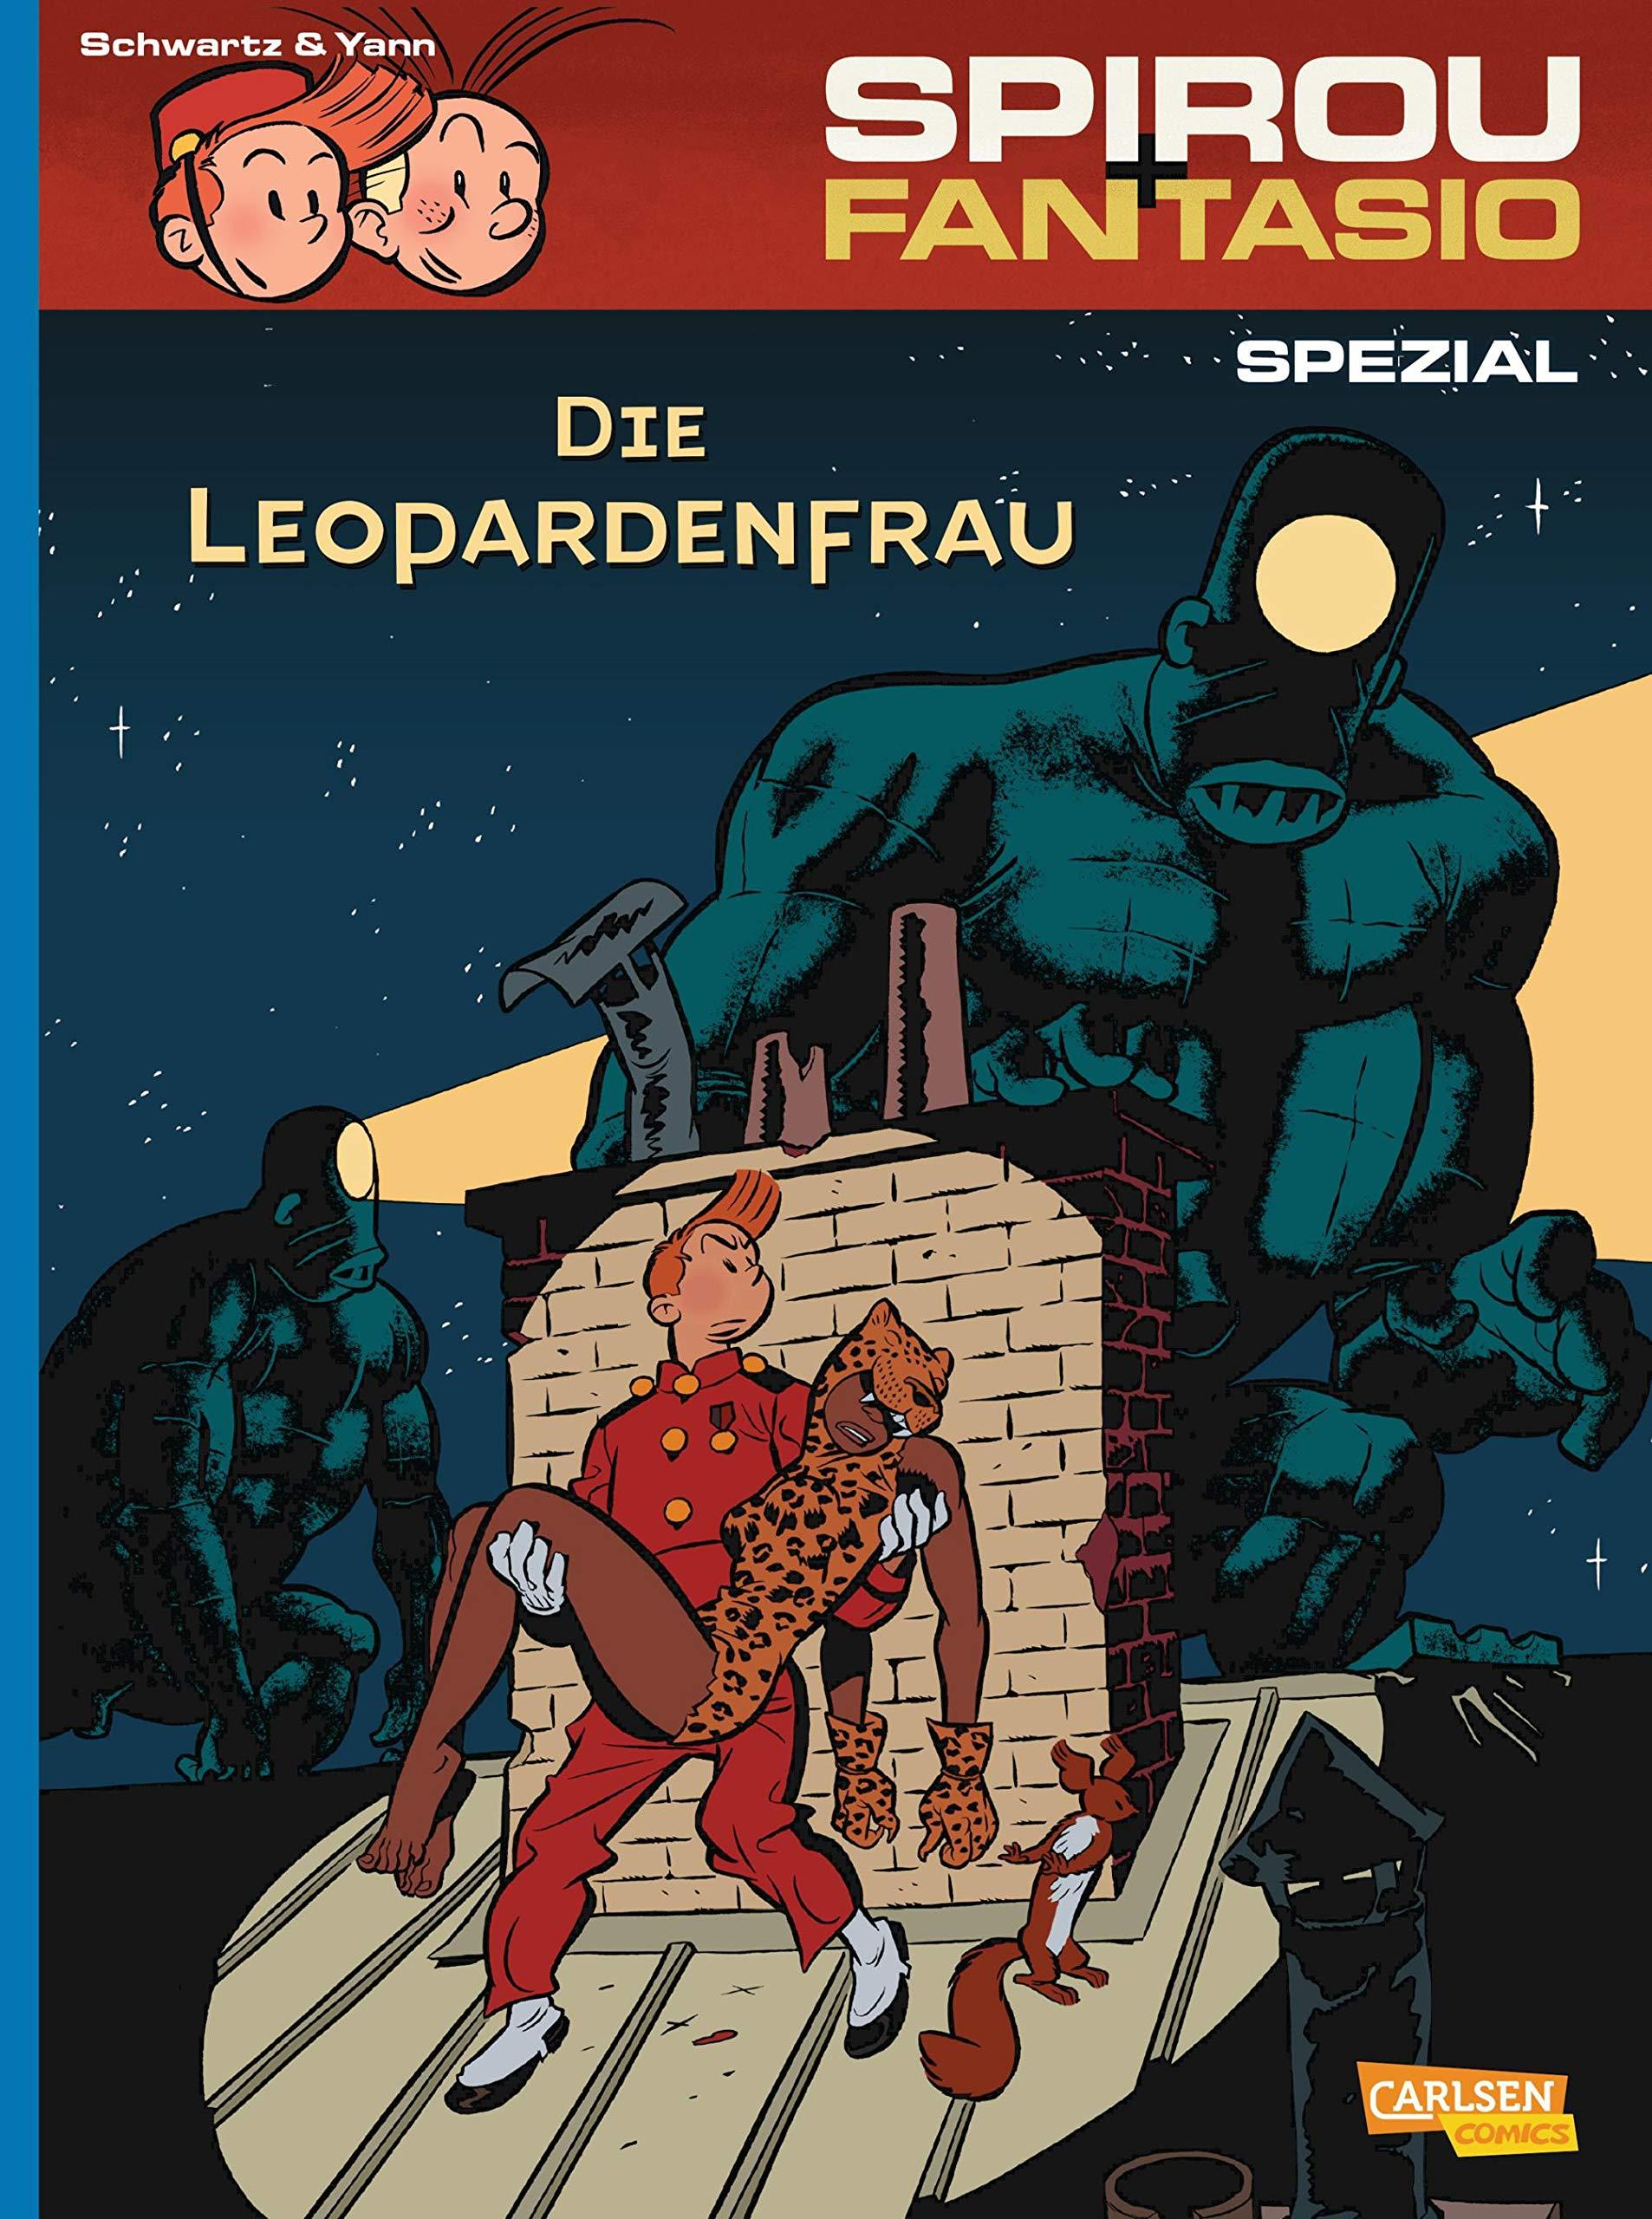 Spirou Und Fantasio Spezial 19  Die Leopardenfrau  19